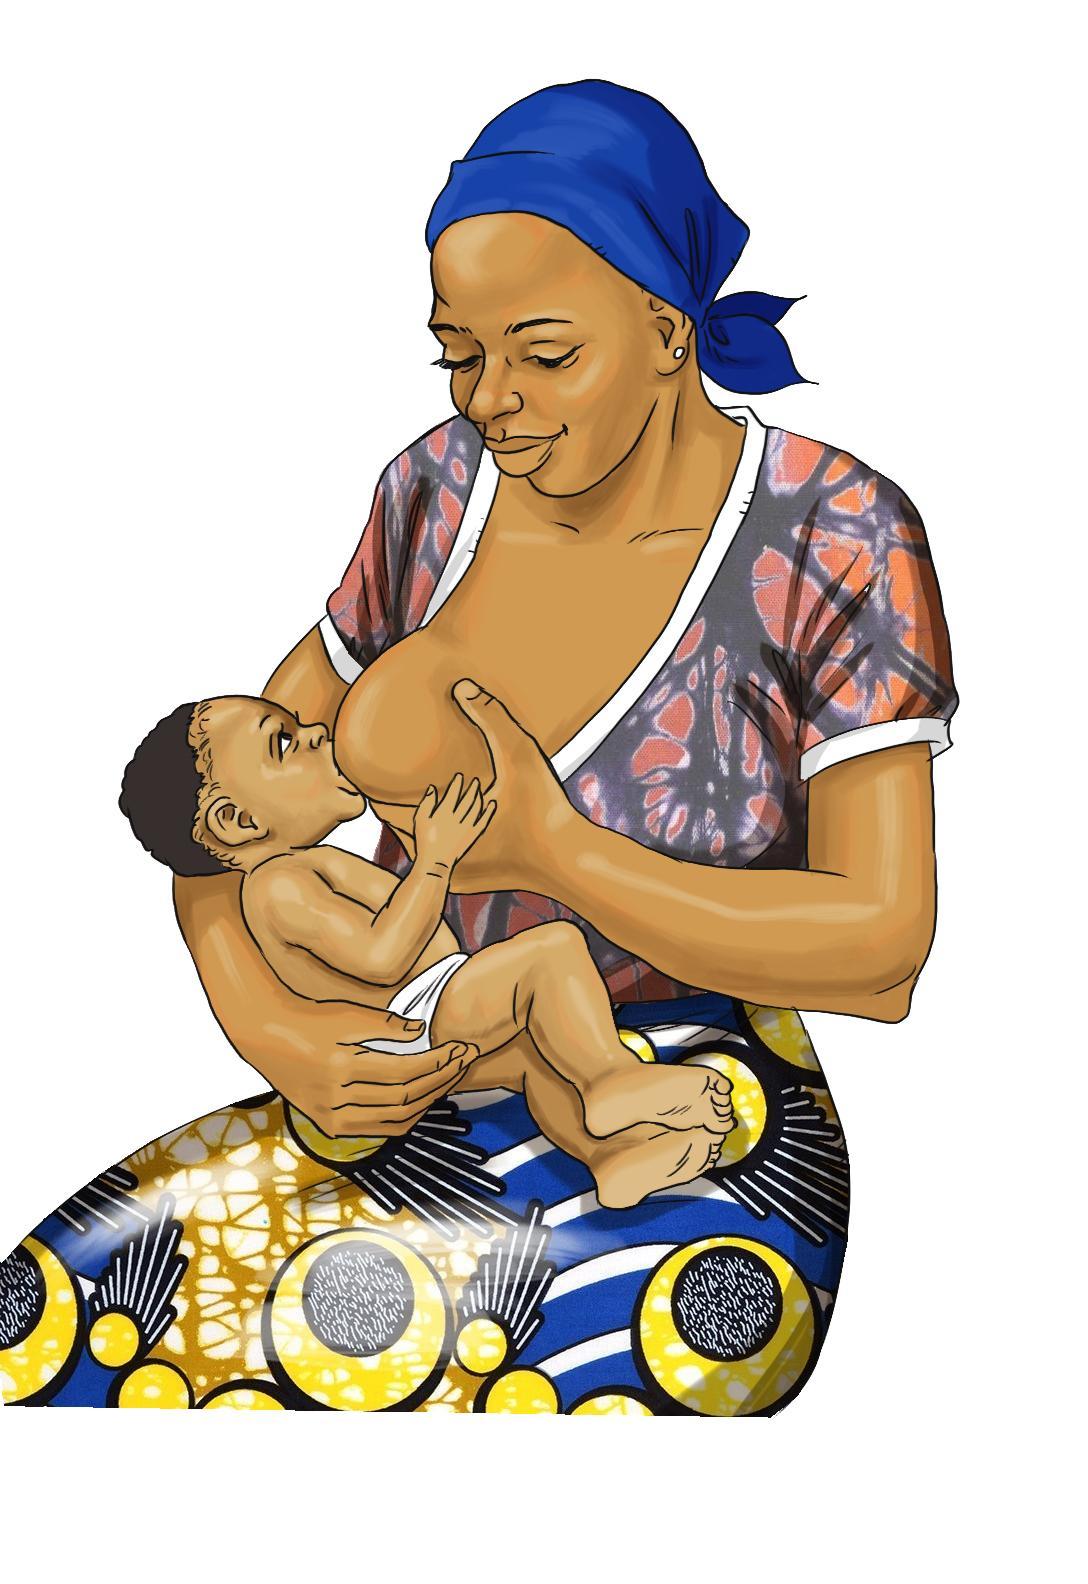 Breastfeeding - Exclusive breastfeeding 0-6mo - 01 - Burkina Faso